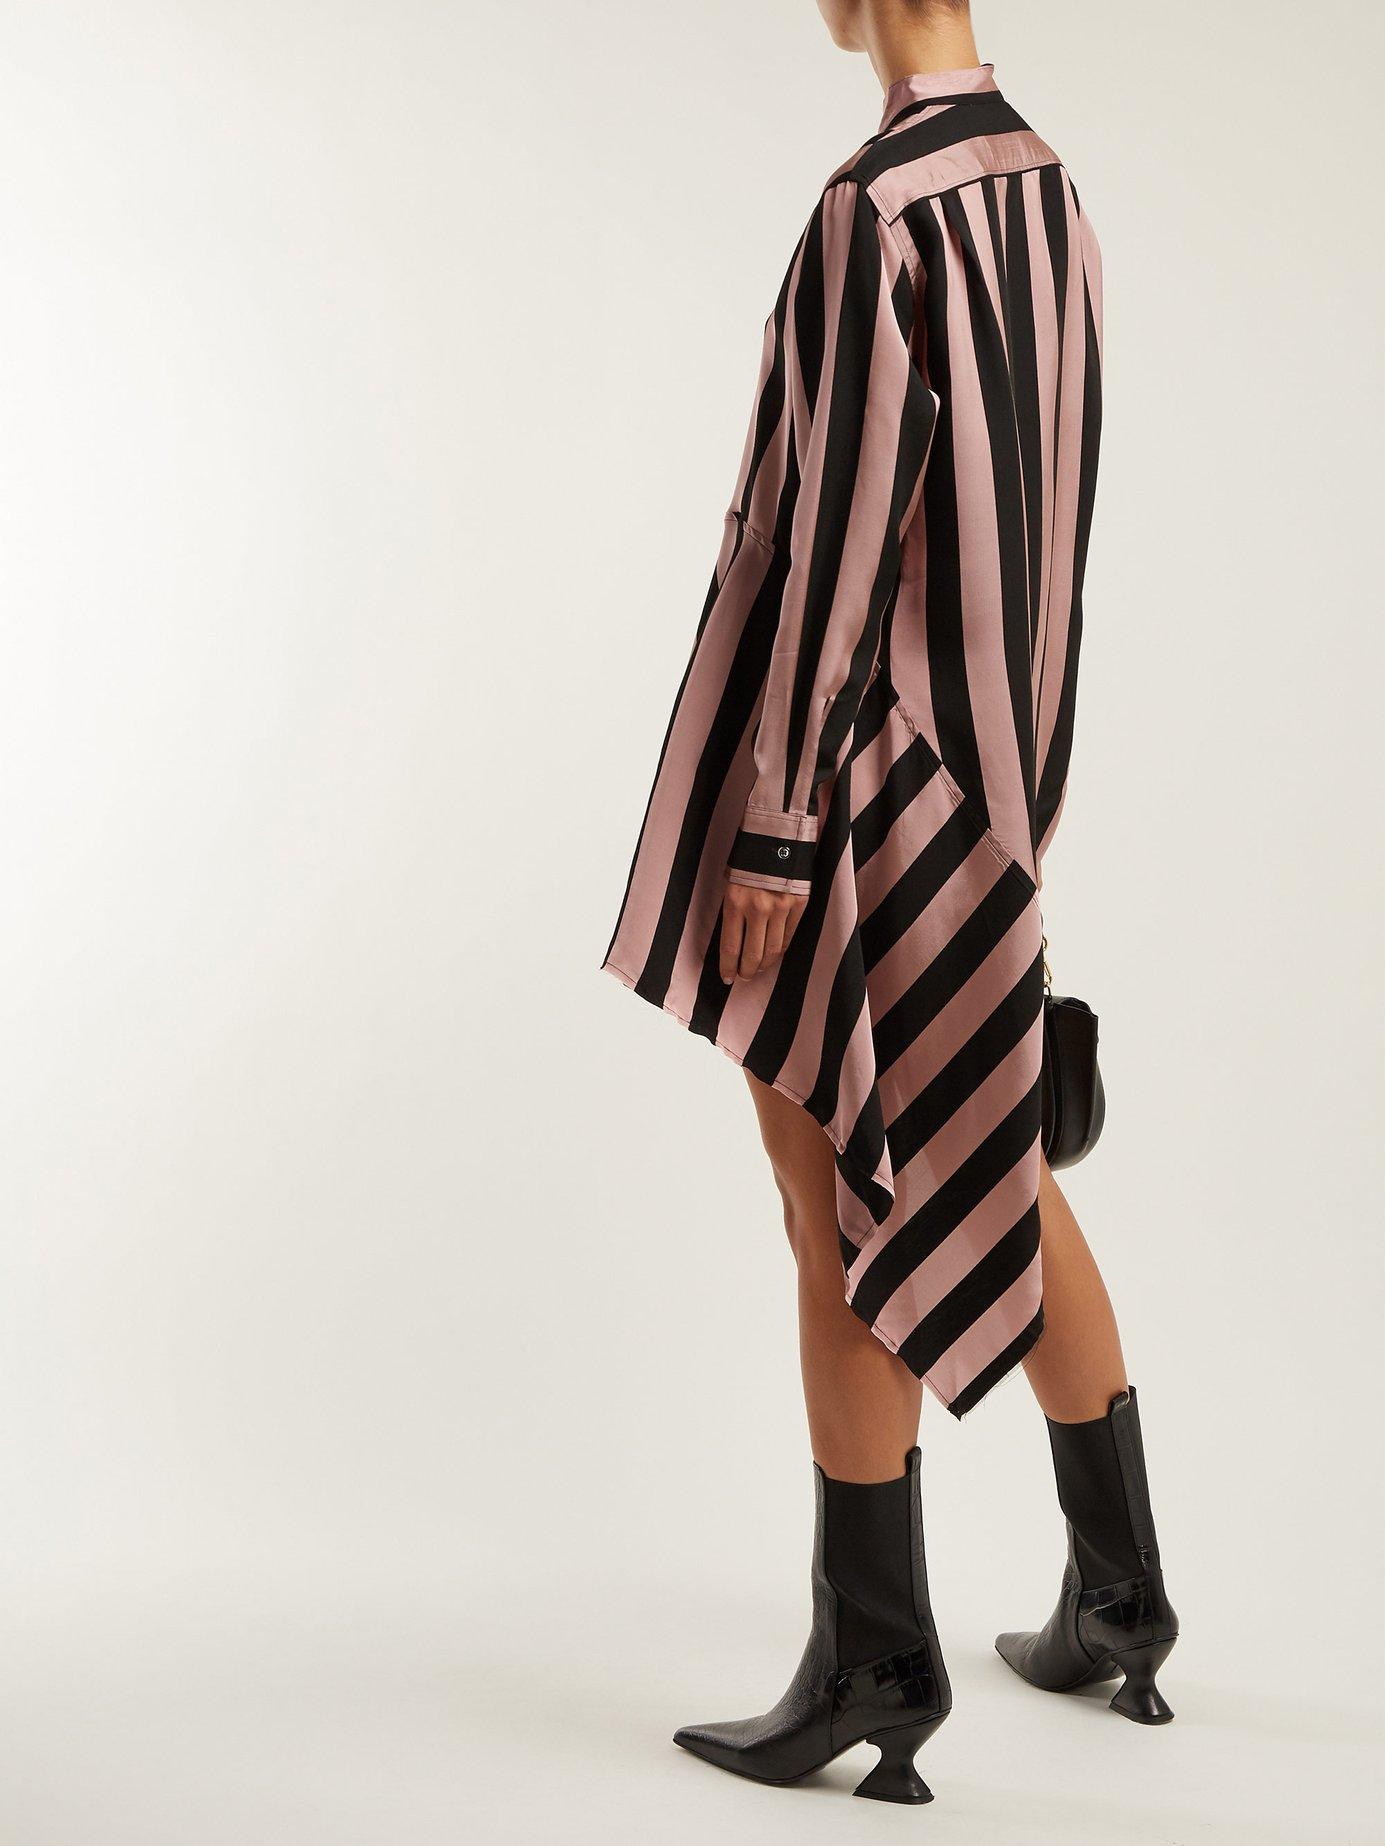 Striped asymmetric satin shirtdress by Marques'Almeida